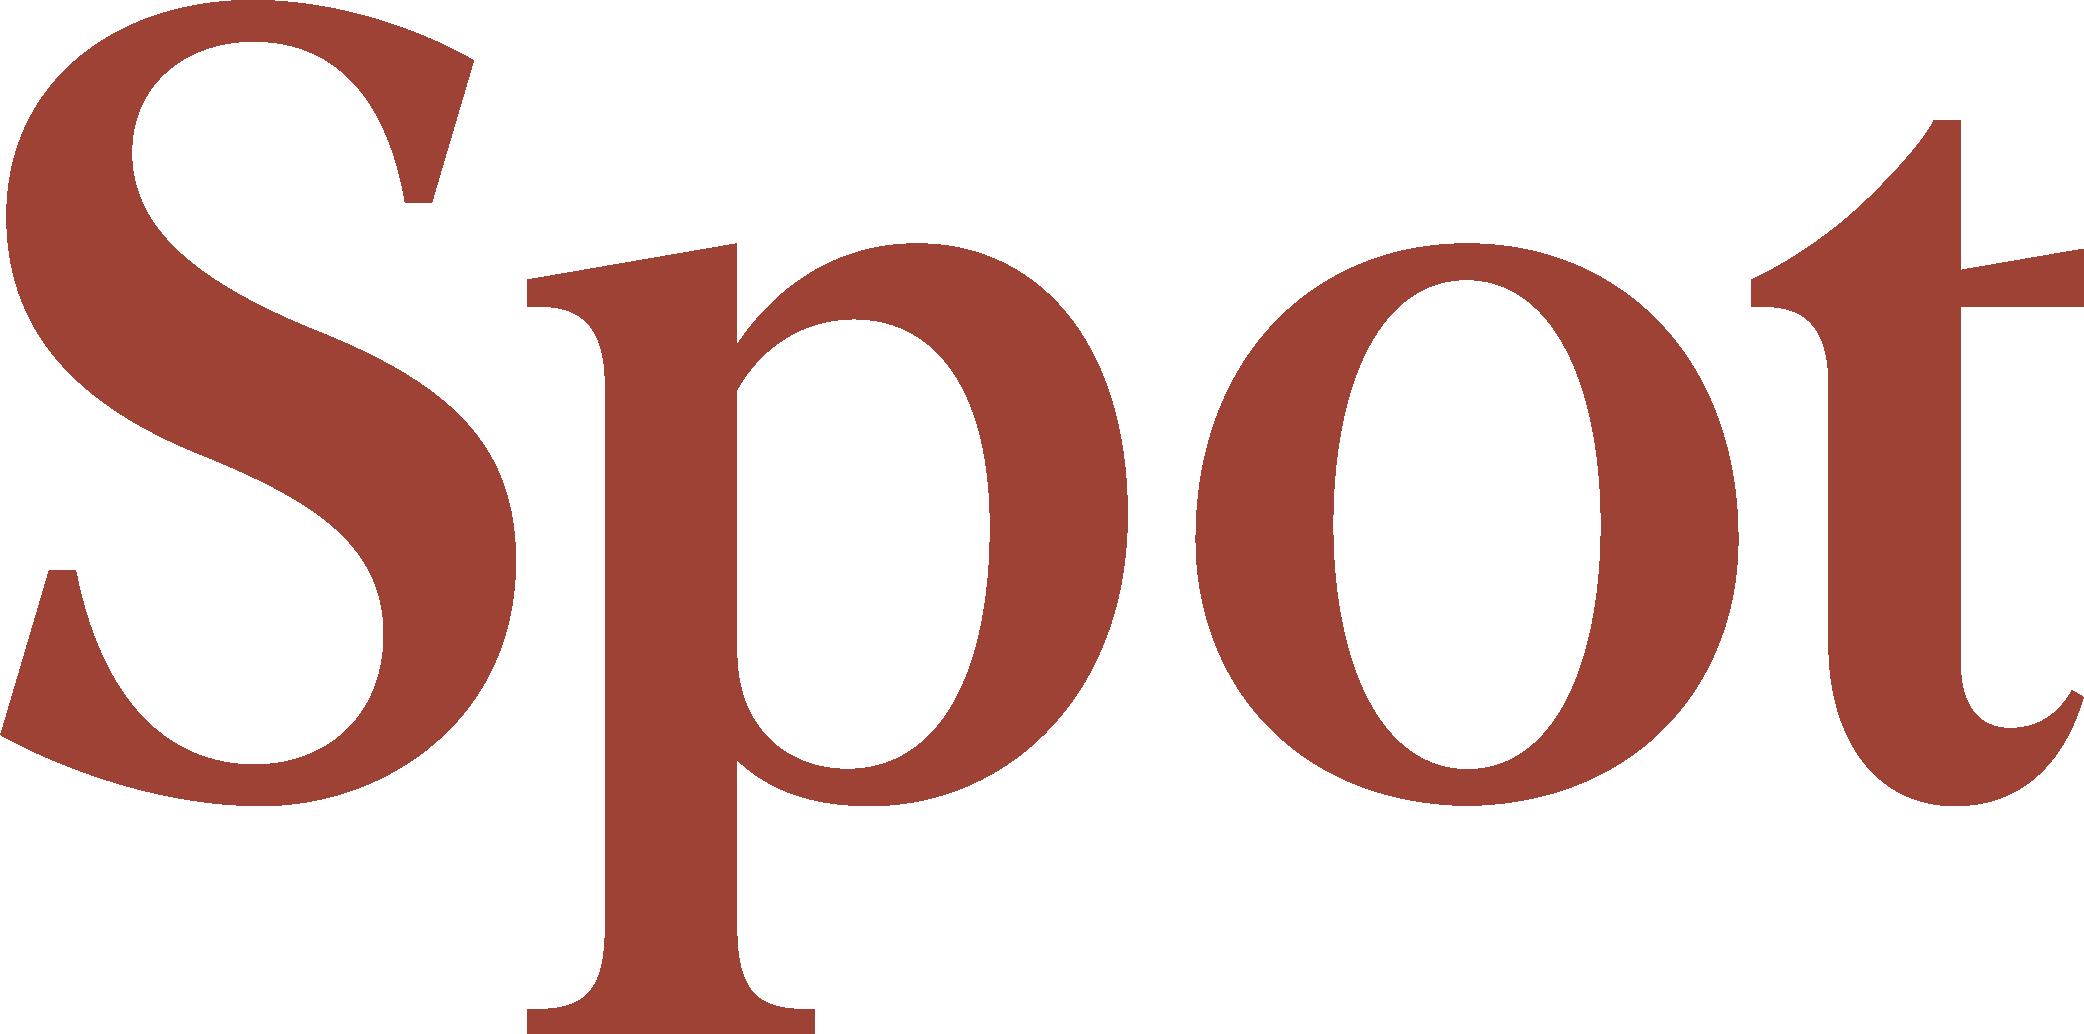 Spot Wordmark